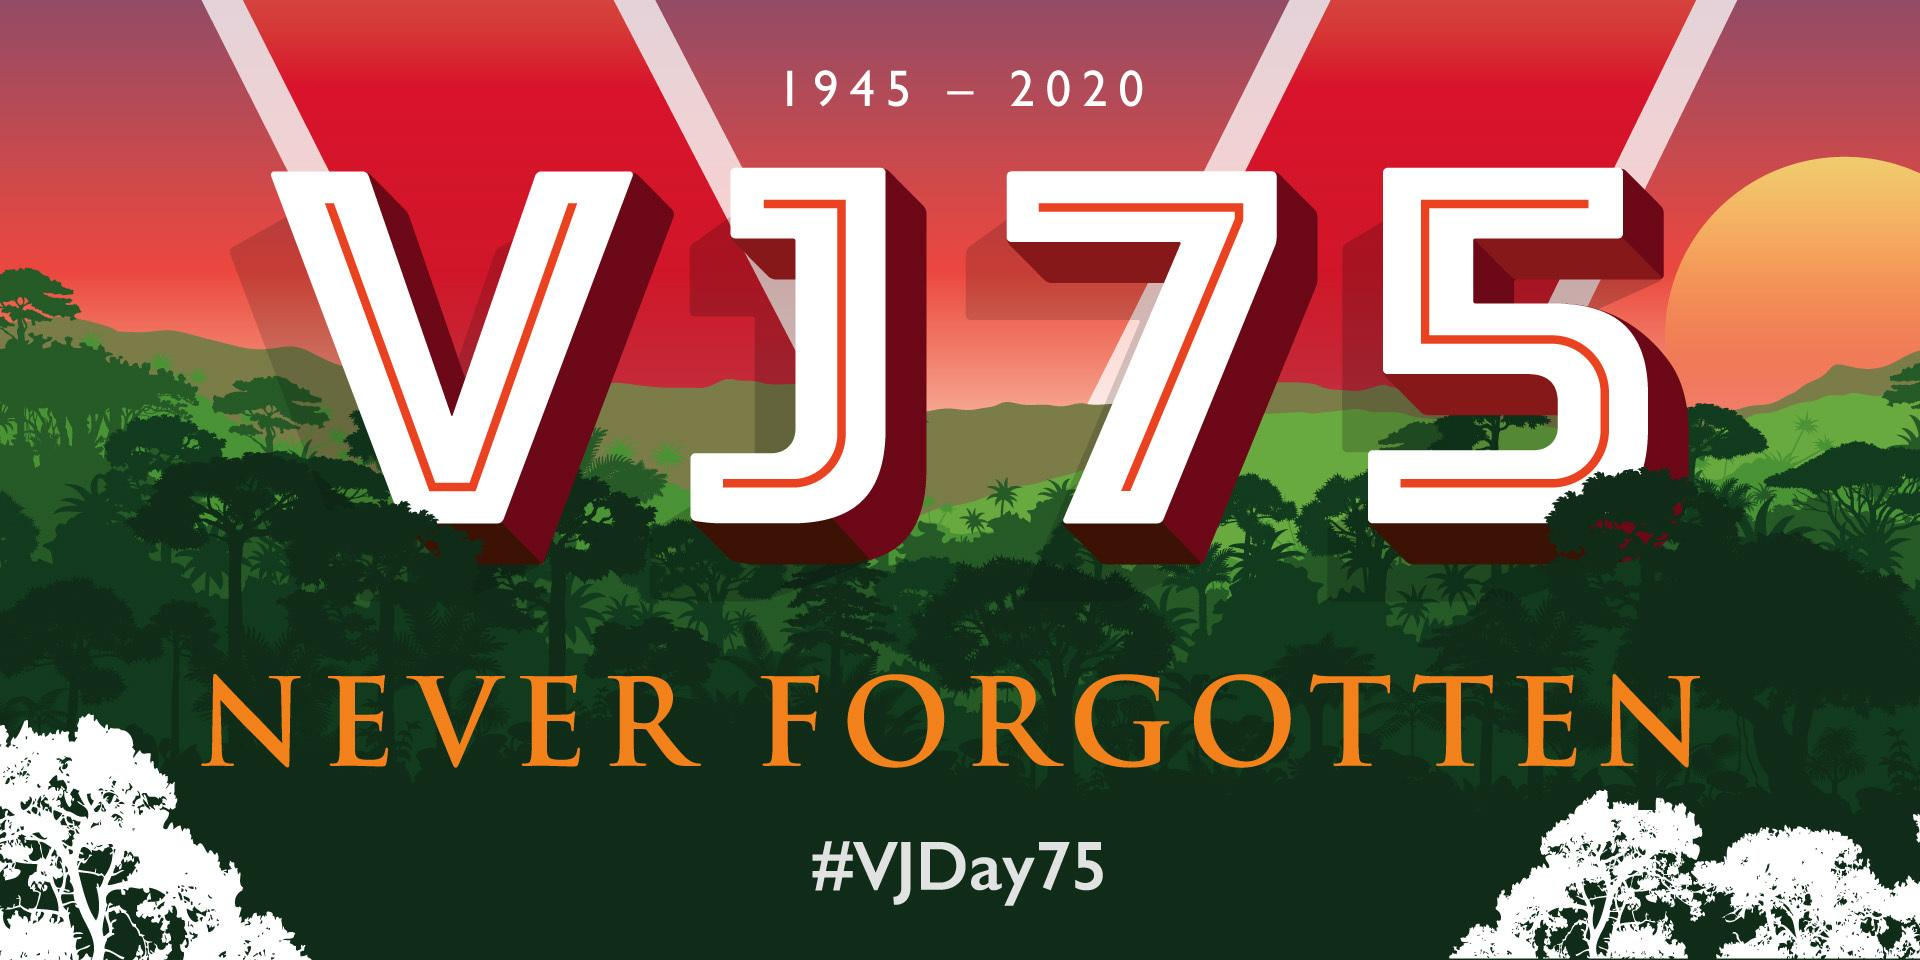 VJ Day 75: Never Forgotten